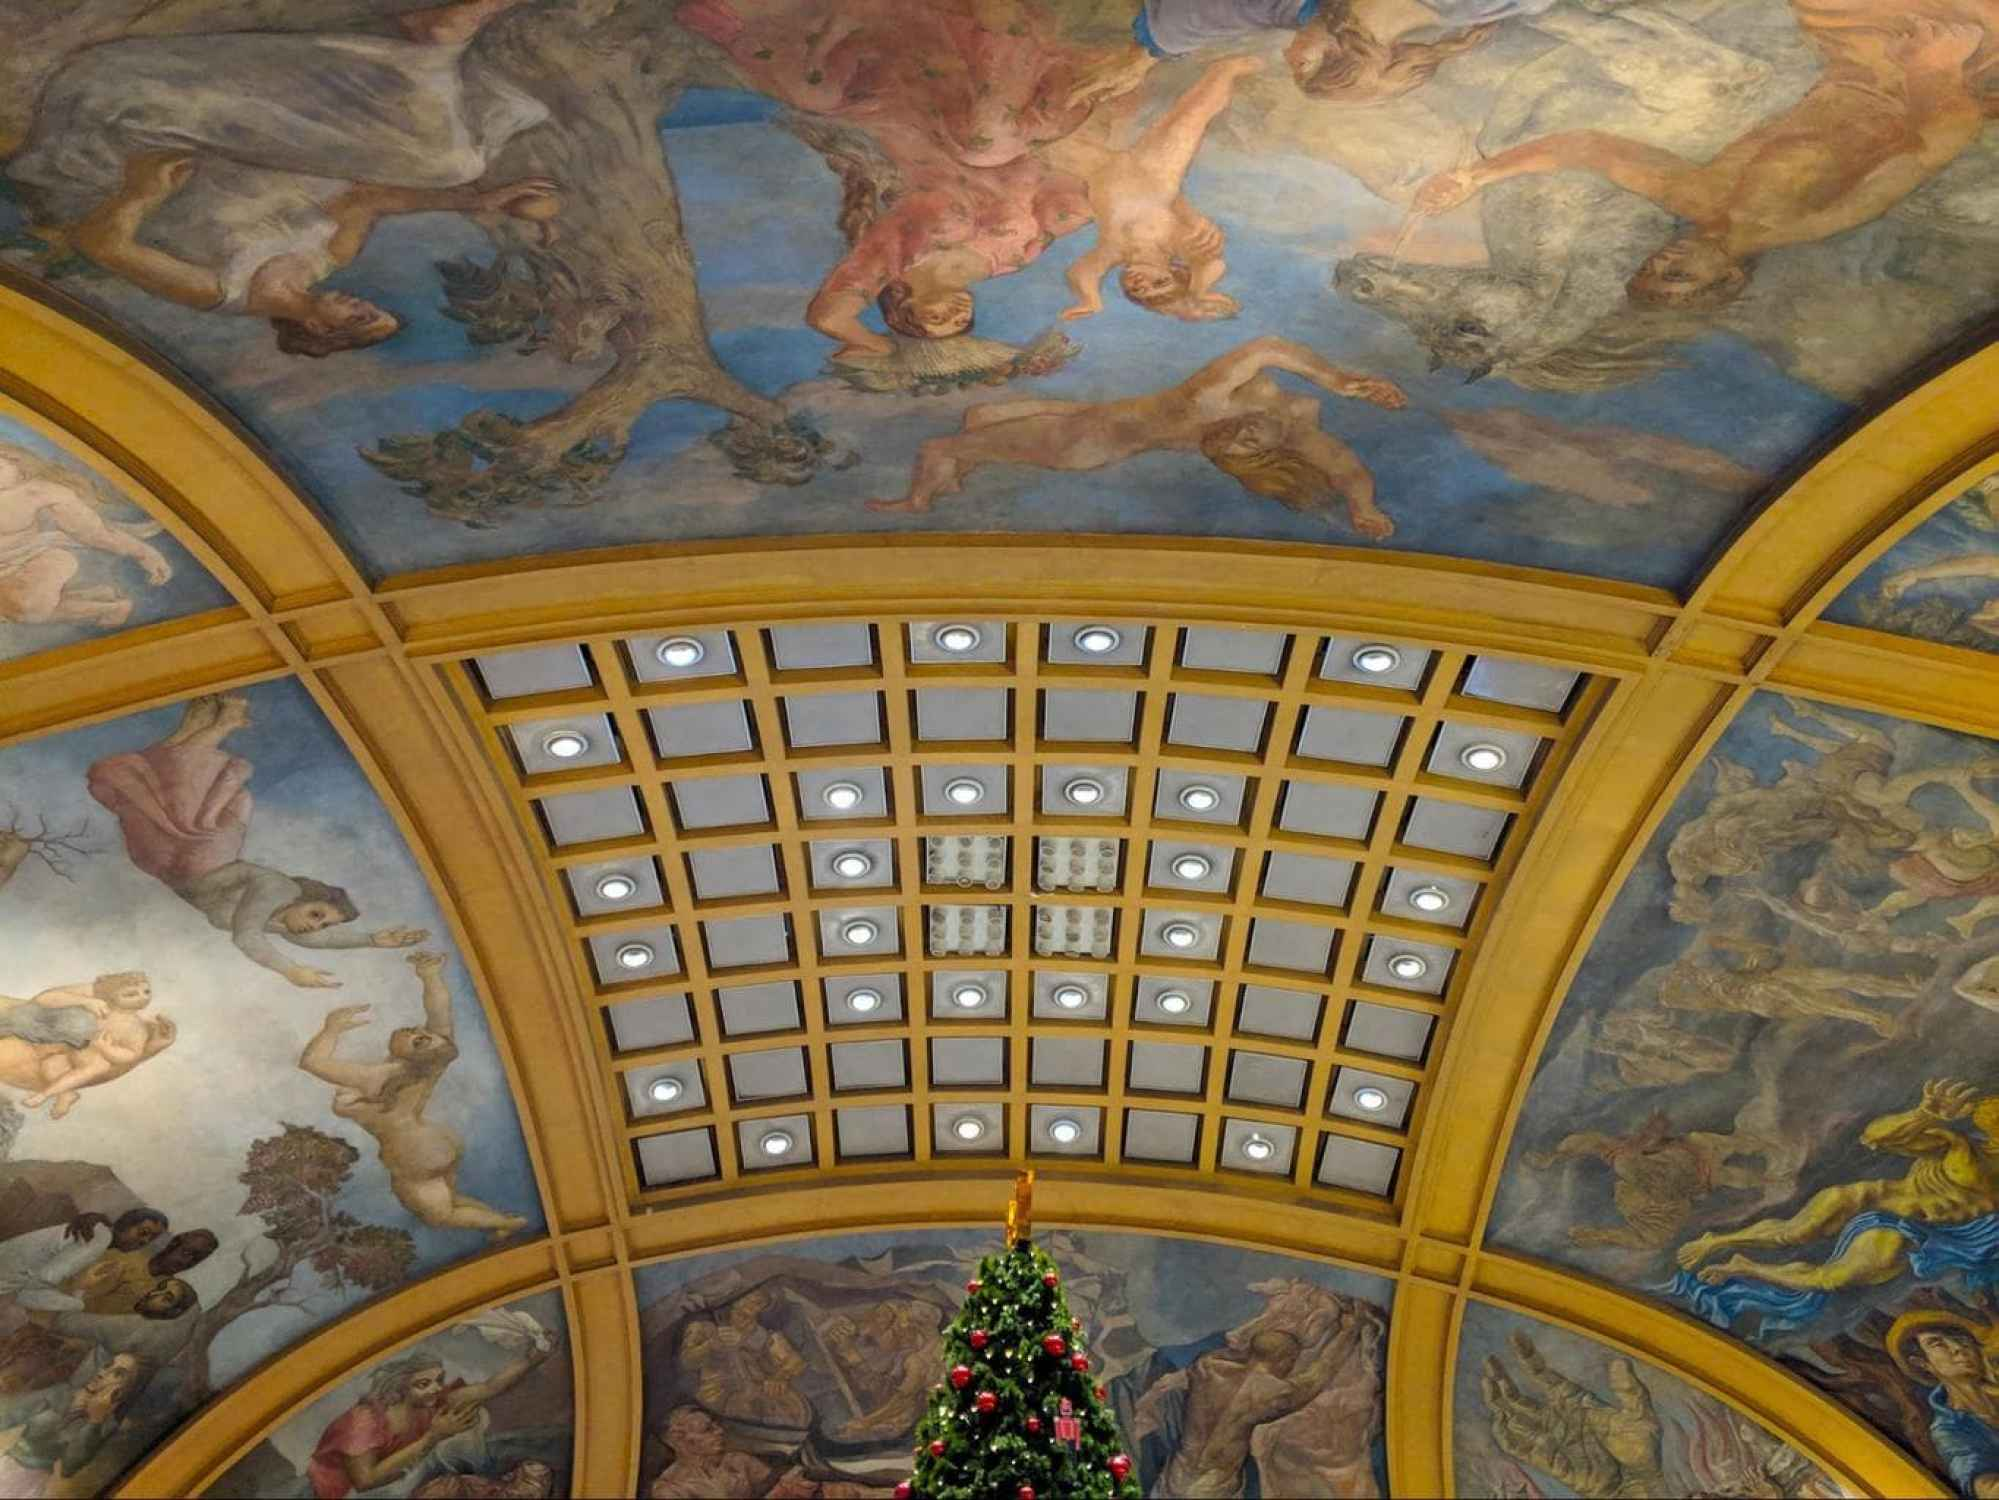 Galerias Pacifico ceiling